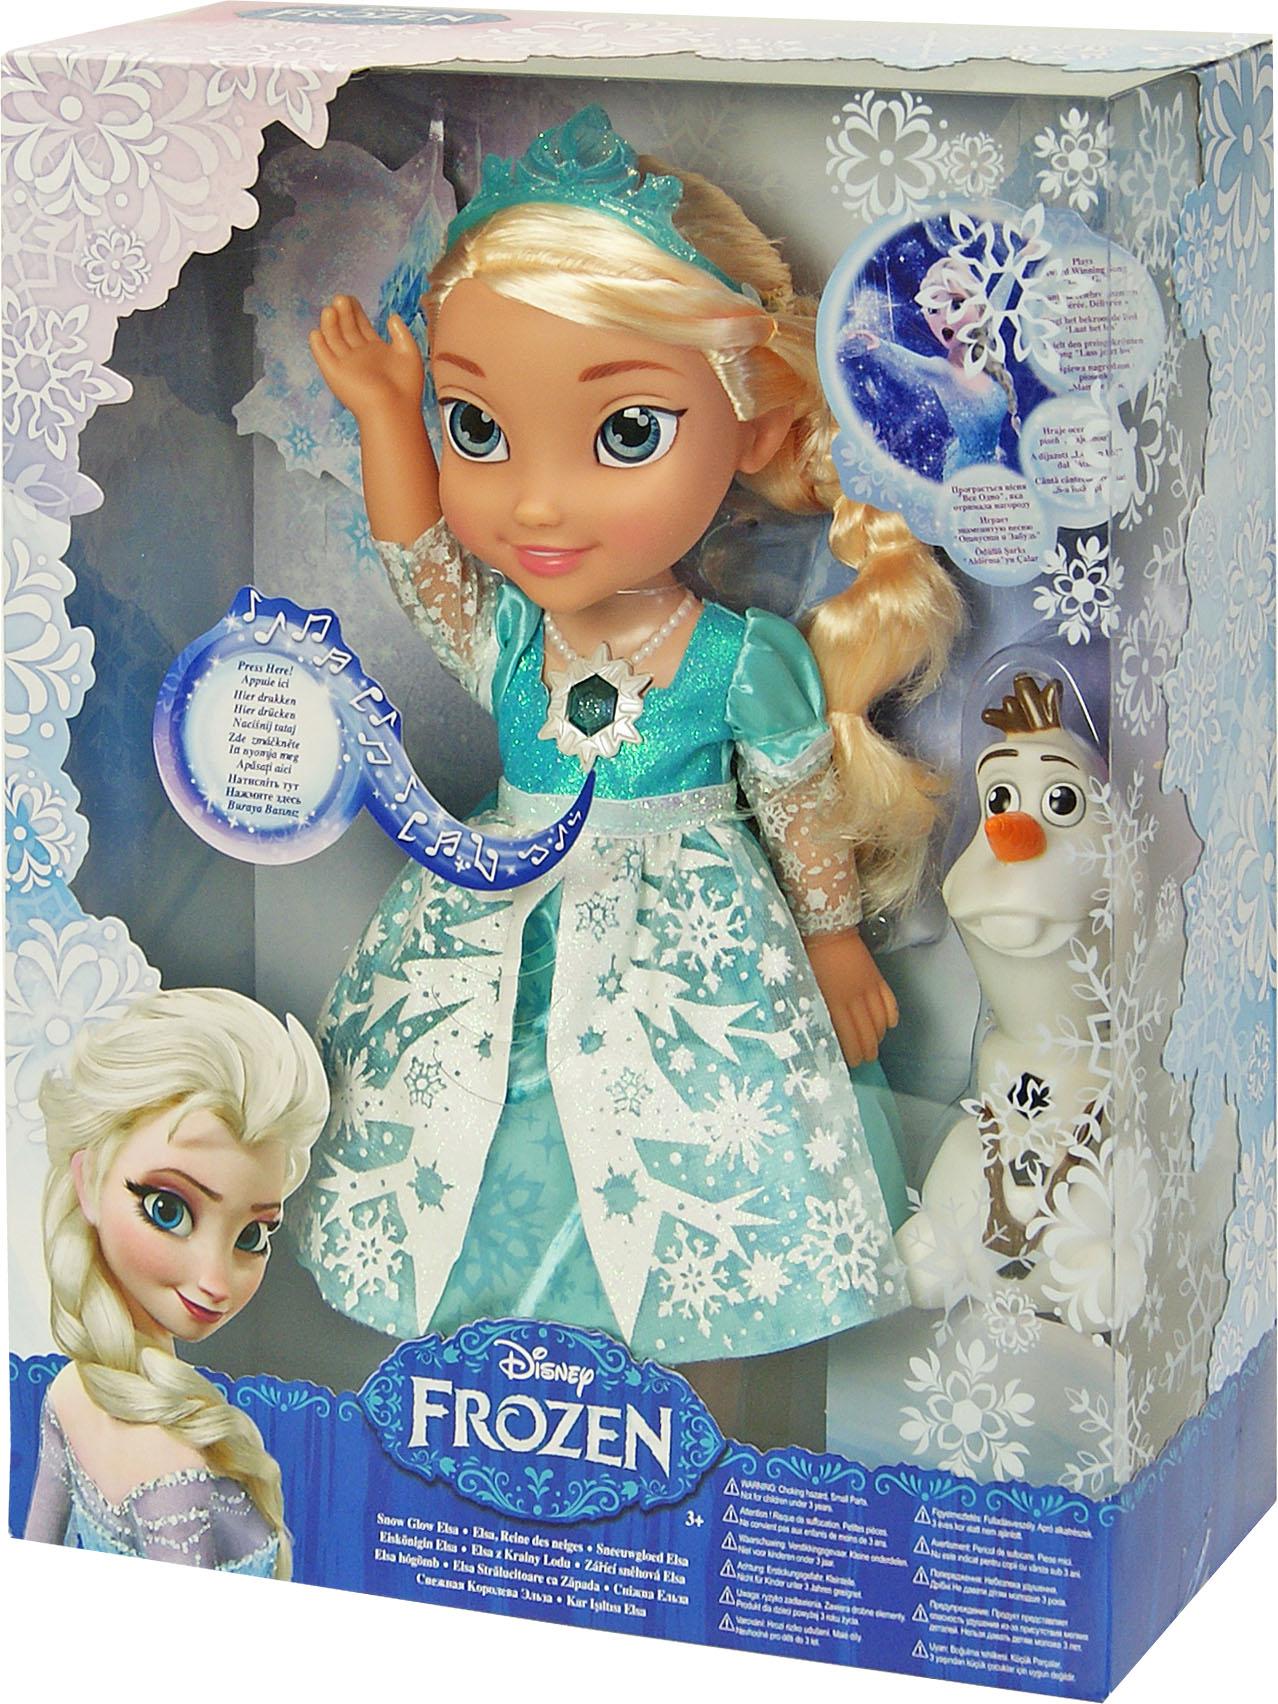 Іграшка лялька Frozen сяюча Ельза арт.31058 світло і музика, на бат., в кор. 12*30*38с